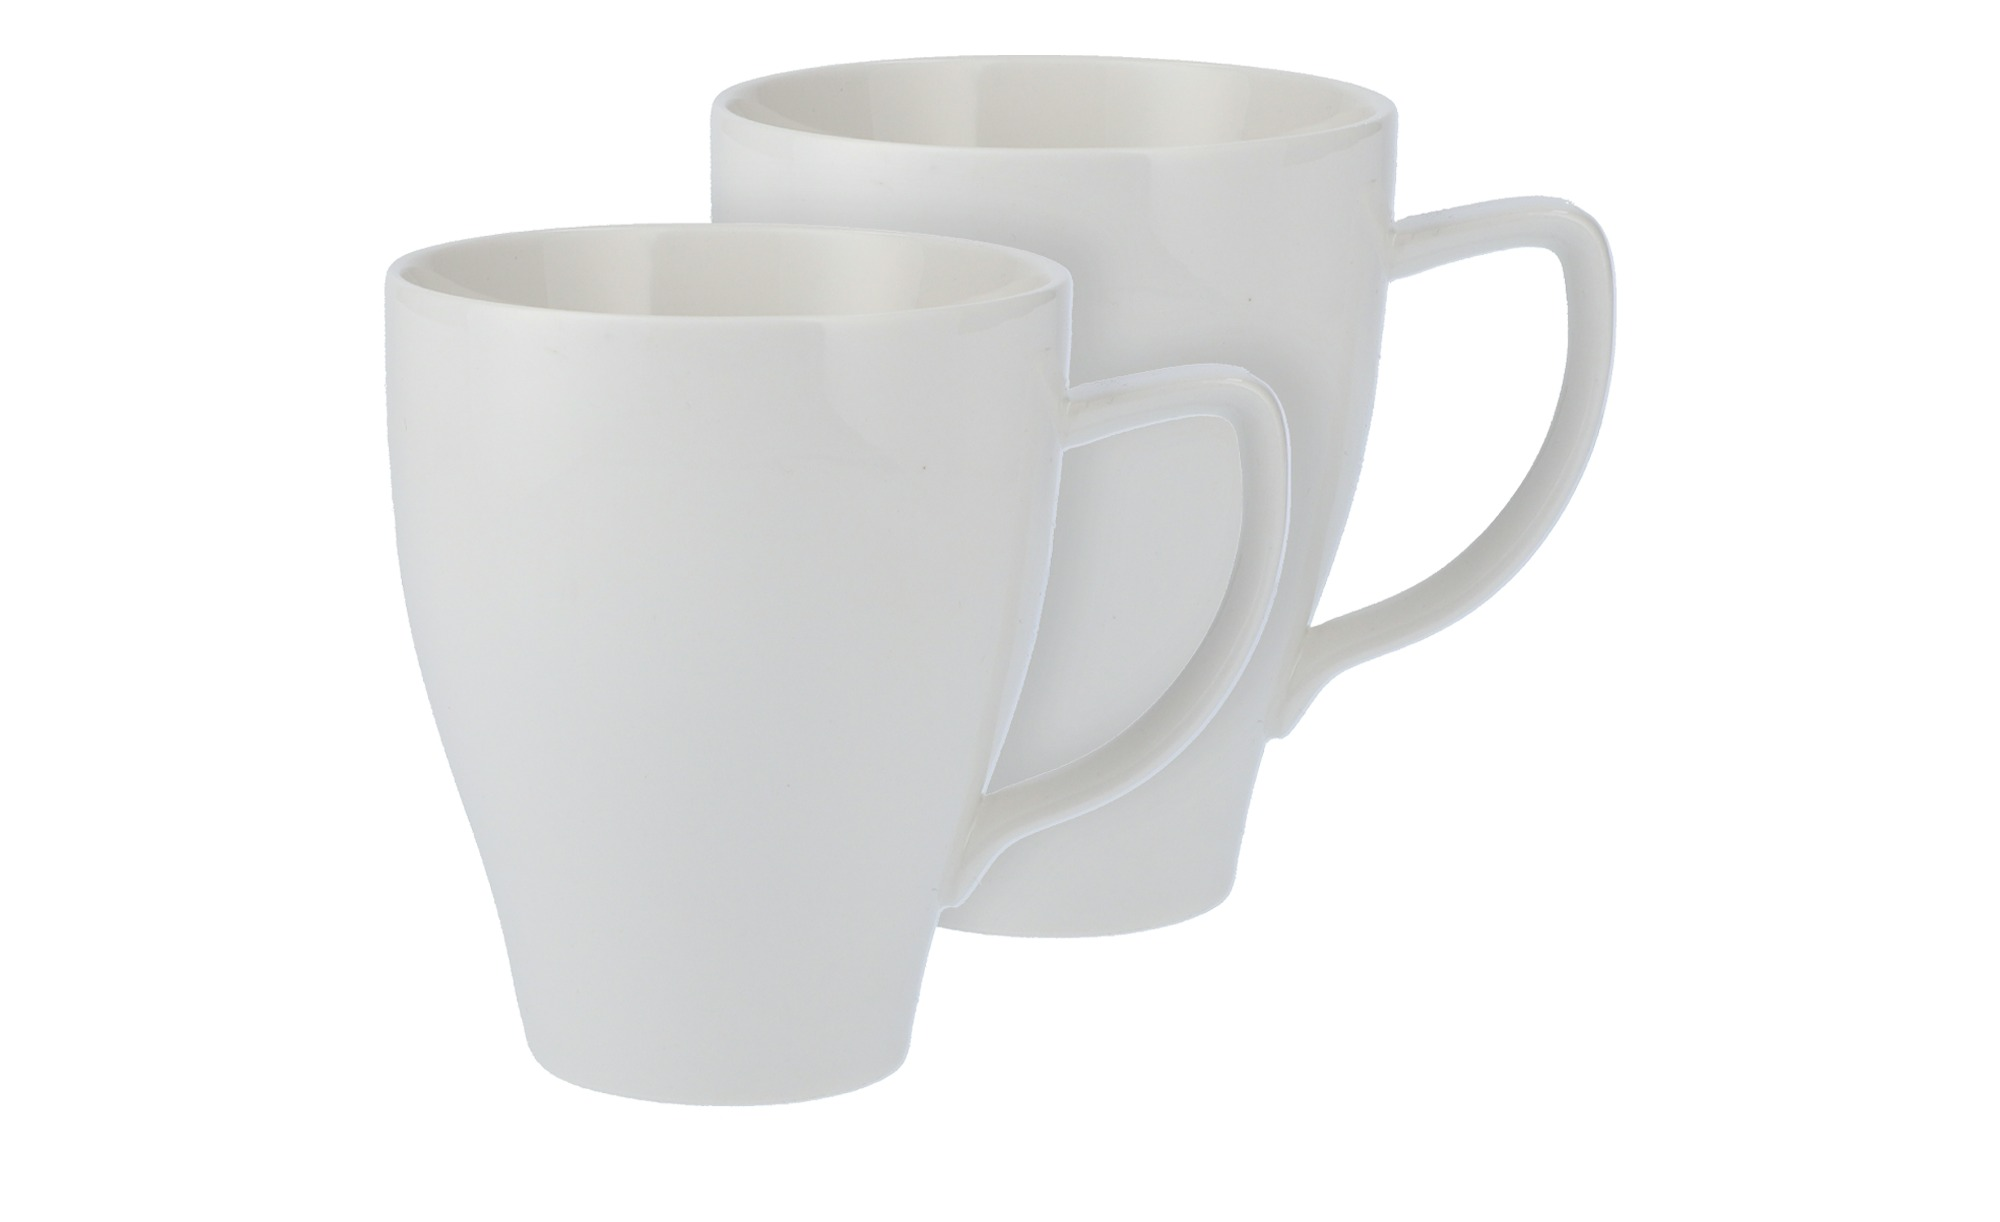 Kaffeebecher, 2er-Set Becher - Höffner günstig online kaufen